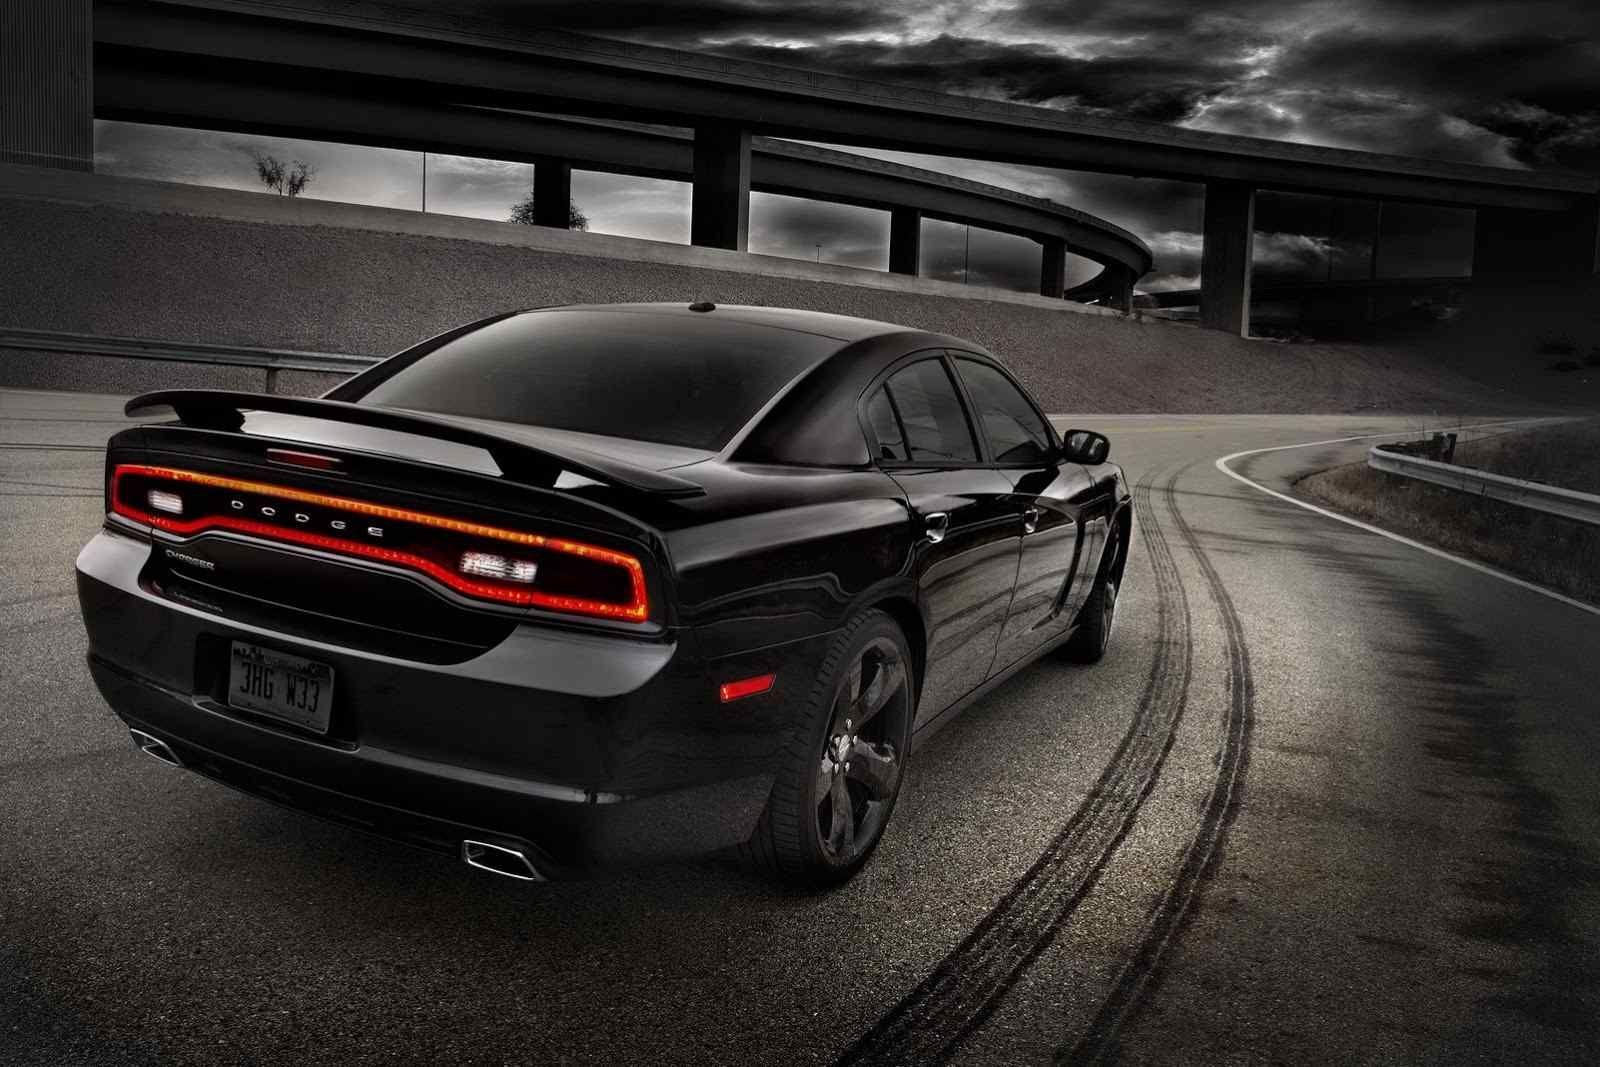 2014 Dodge Charger SRT8 Blacked out n Mopar d up